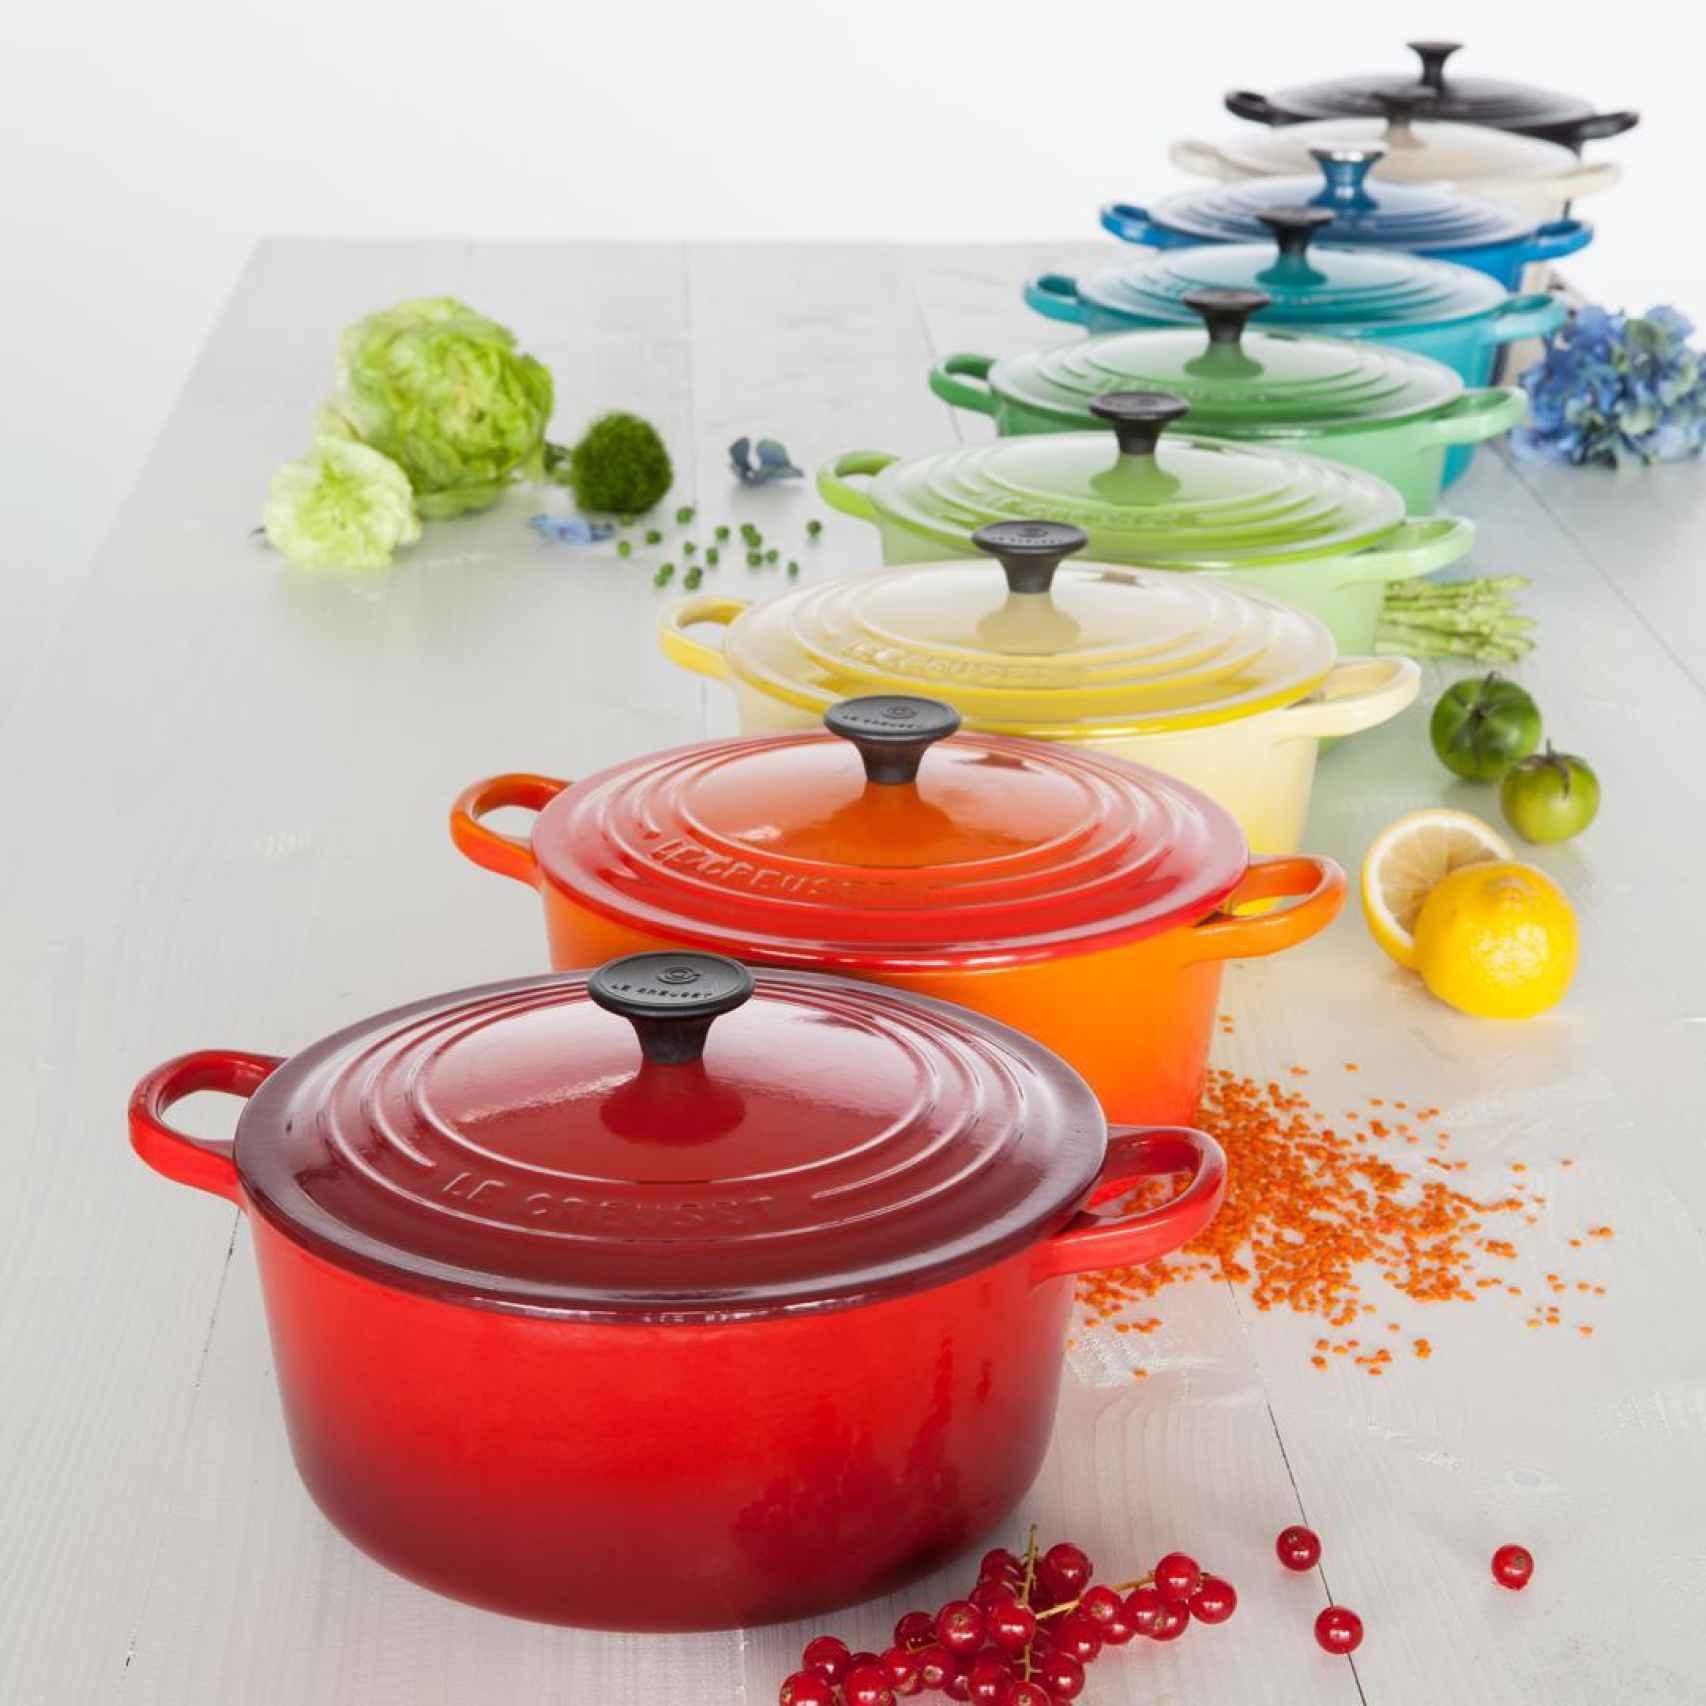 Algunos expertos han afirmado que utilizar colores vivos en el menaje anima a cocinar.